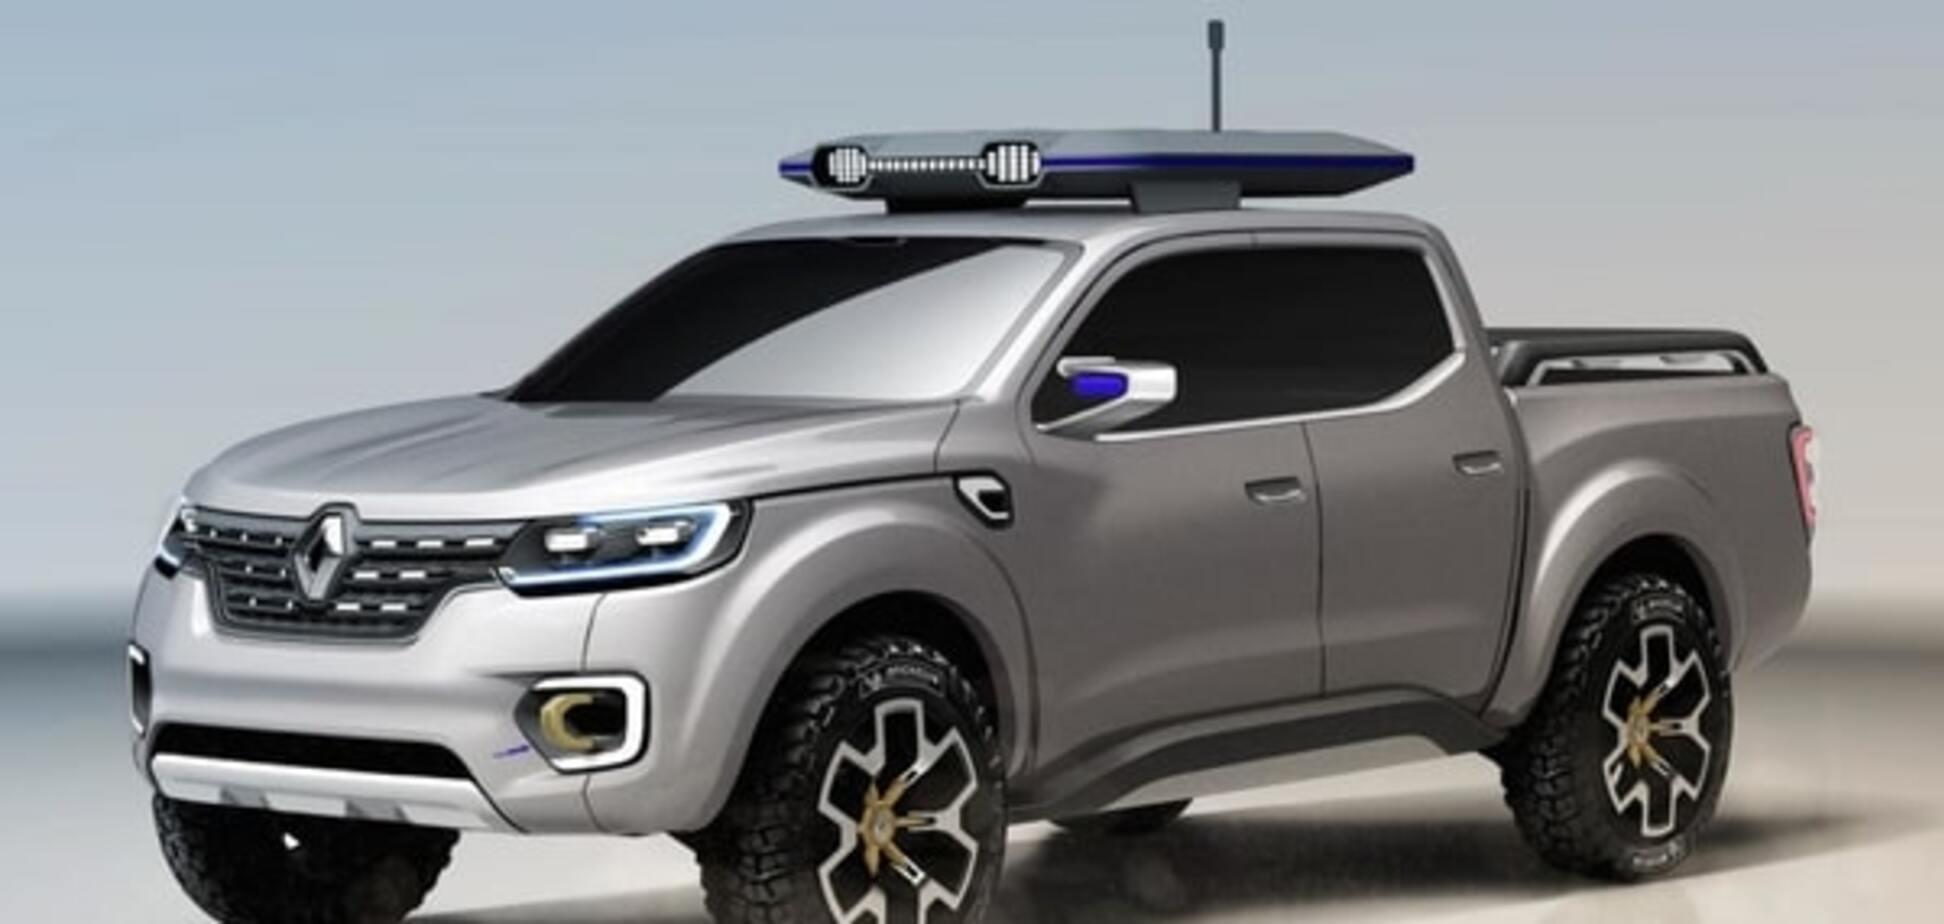 Не только для Аляски: Renault показал фото и видео концепта будущего пикапа